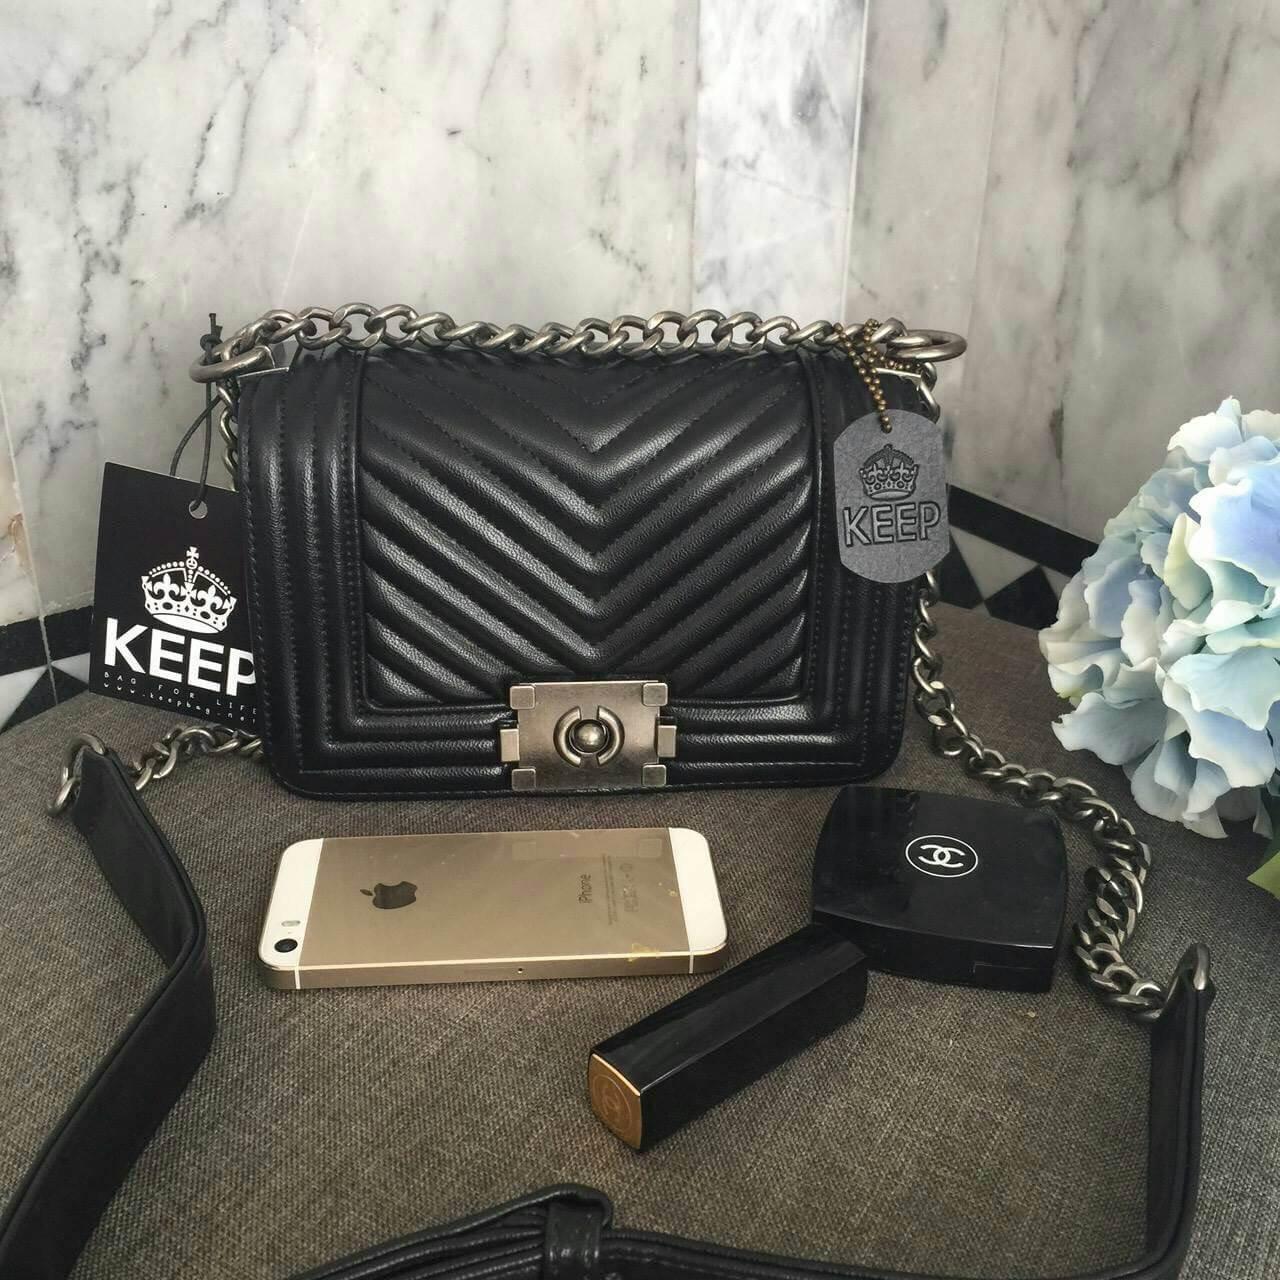 กระเป๋า Keep chain medium shoulder bag ราคา 1,490 บาท Free Ems